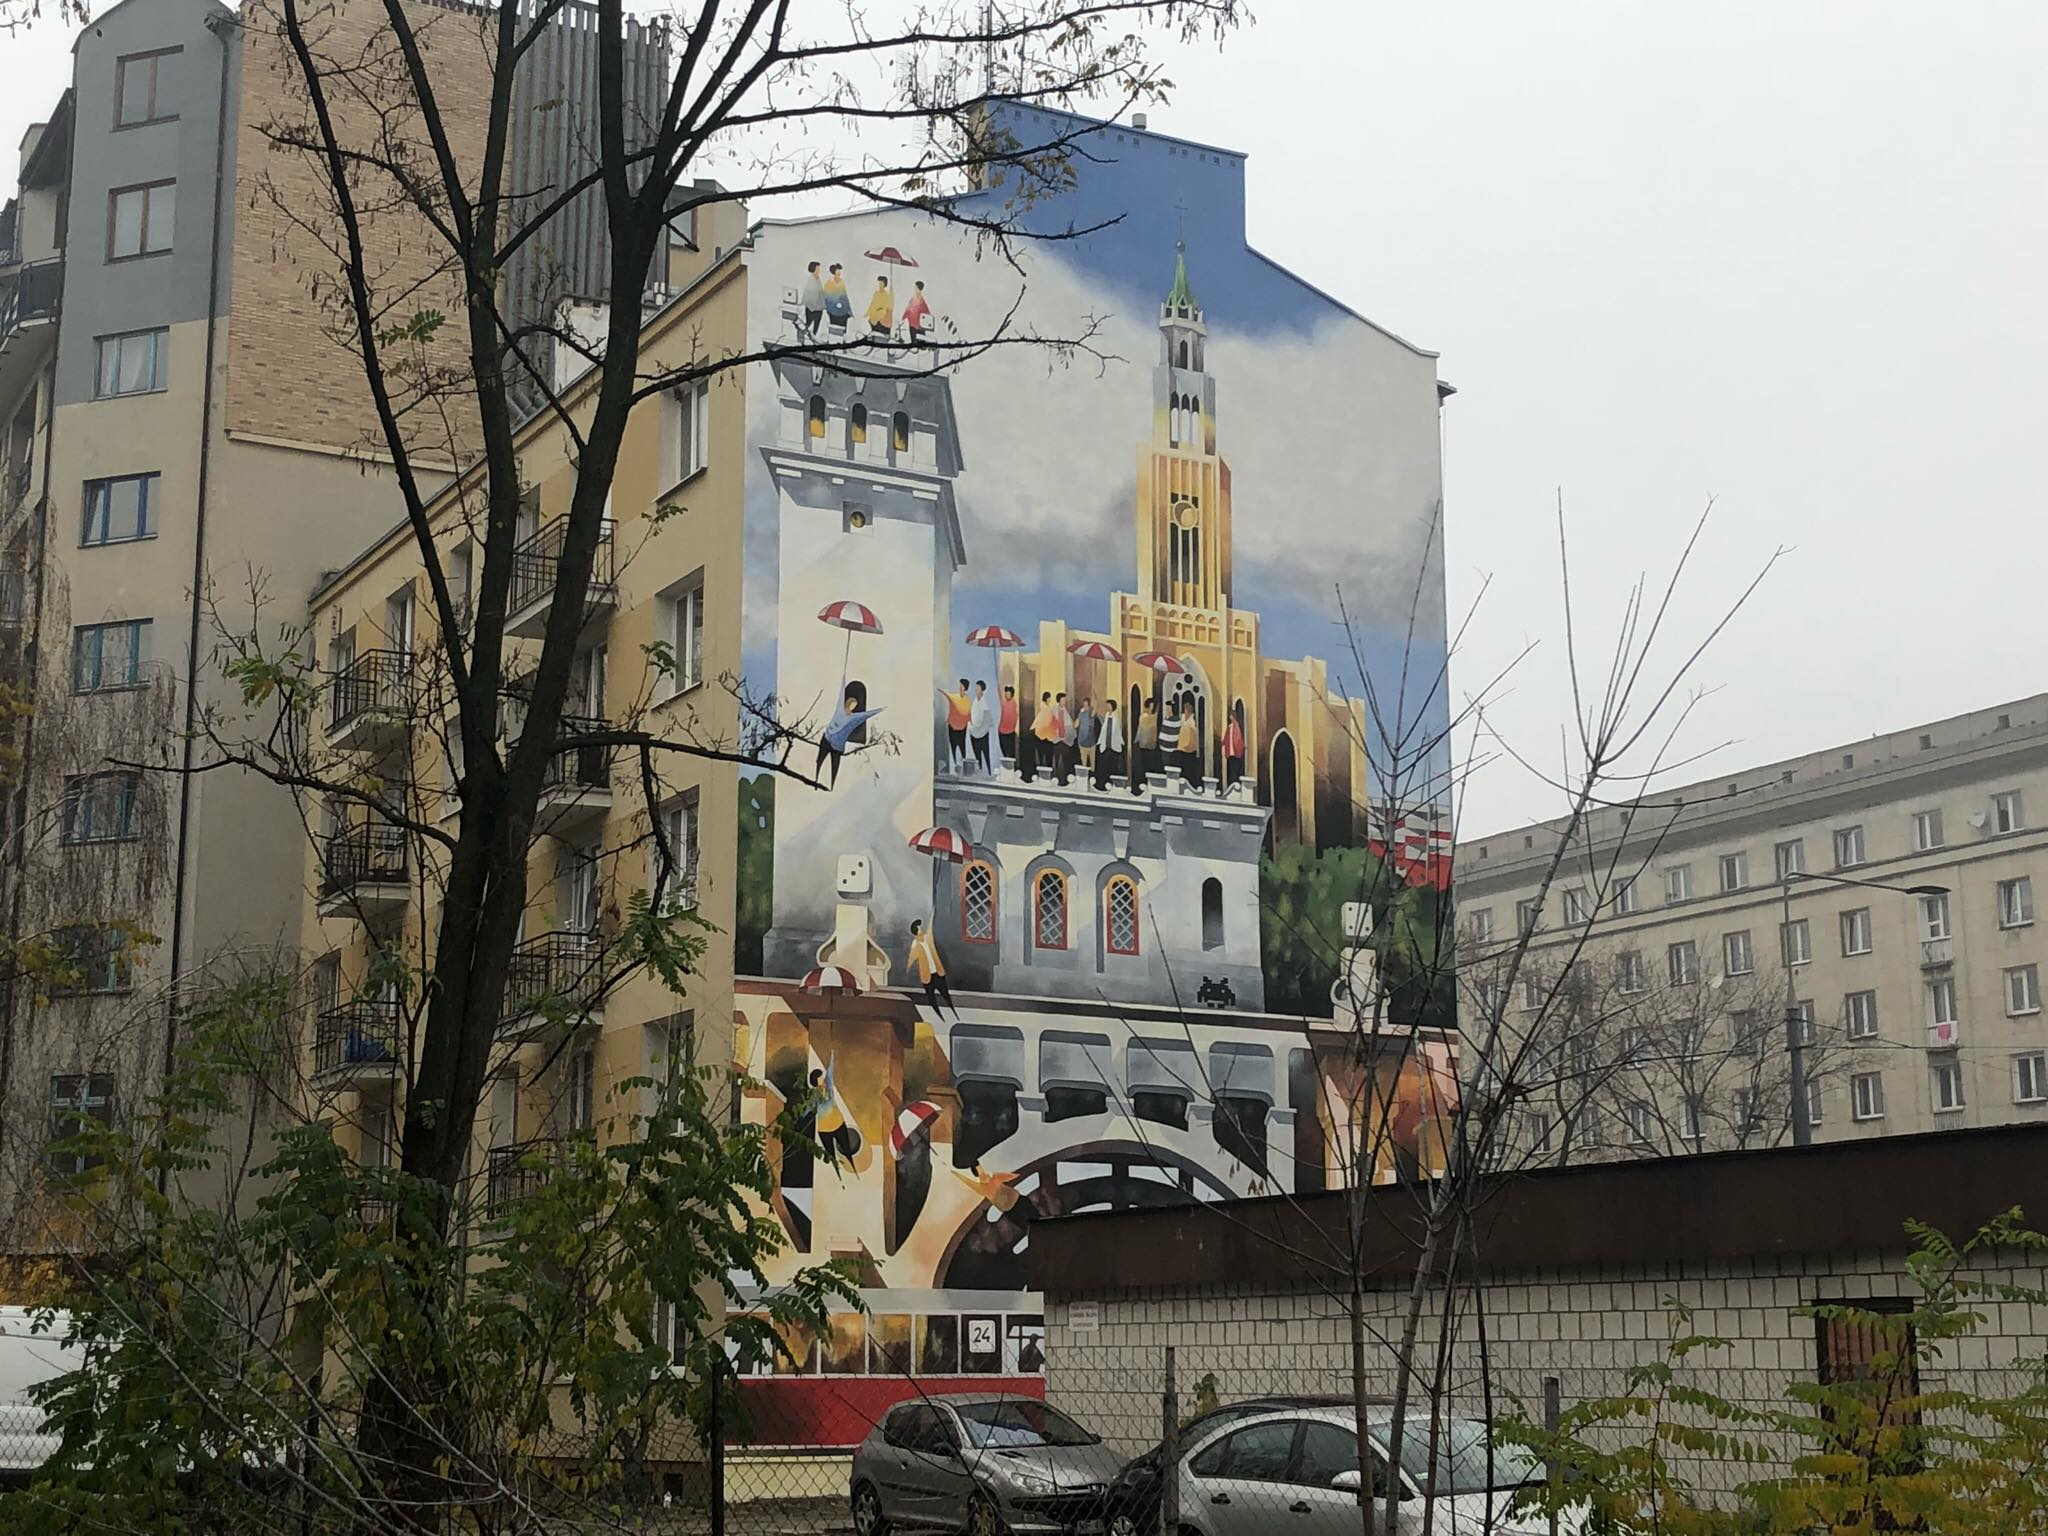 """Urząd rozda 100 parasolek podczas """"przekazania"""" mieszkańcom muralu. Będzie bitwa o parasolki?"""